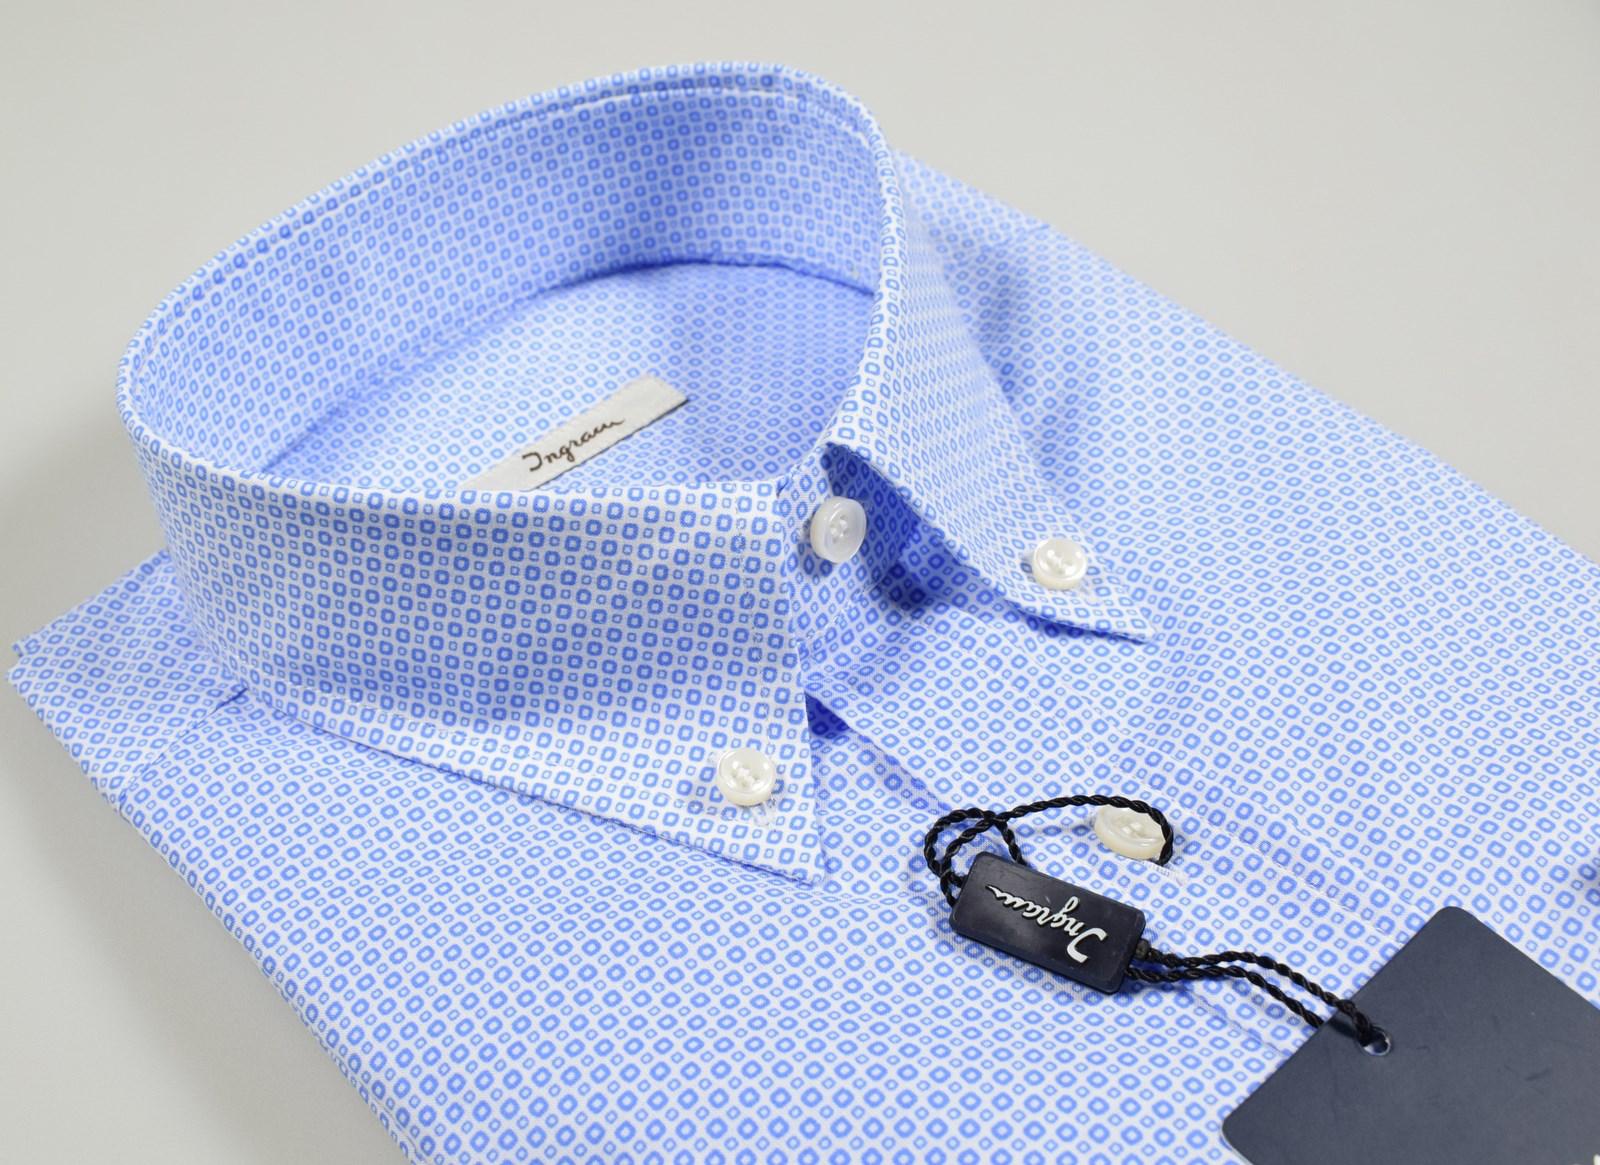 huge selection of b42ee 2fe80 Dettagli su Camicia Ingram Regular Fit Button Down con Taschino Cotone  fantasia Azzurra